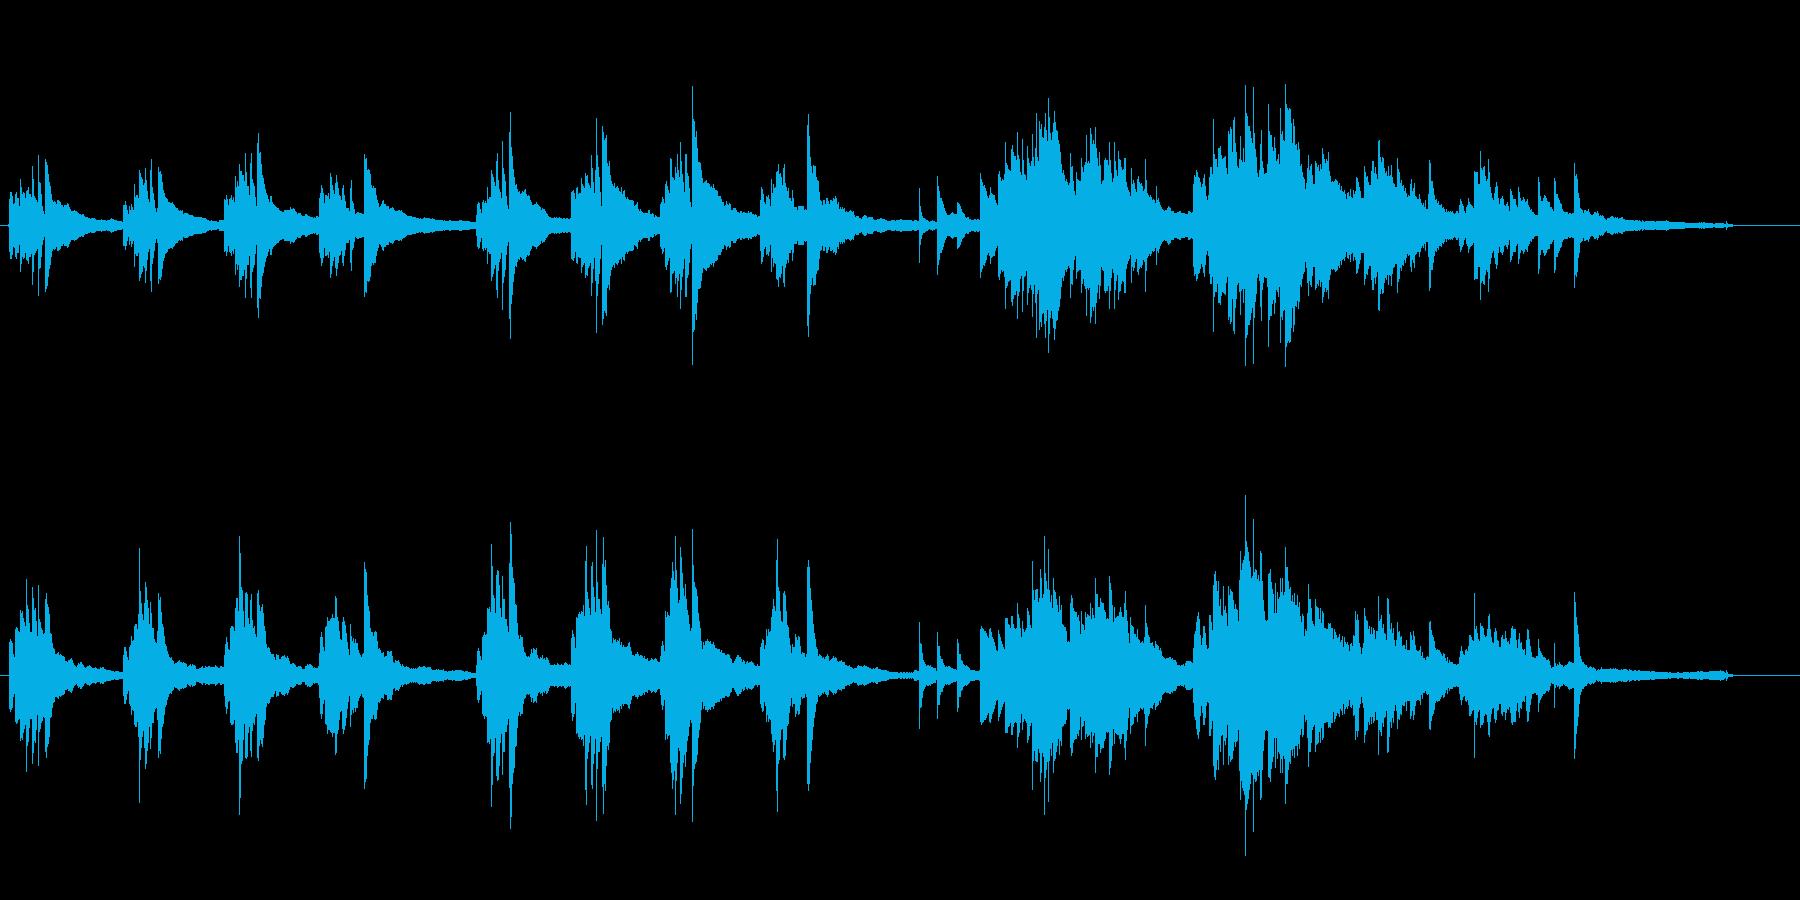 【ピアノ】静かで切ない、物悲しいピアノ曲の再生済みの波形